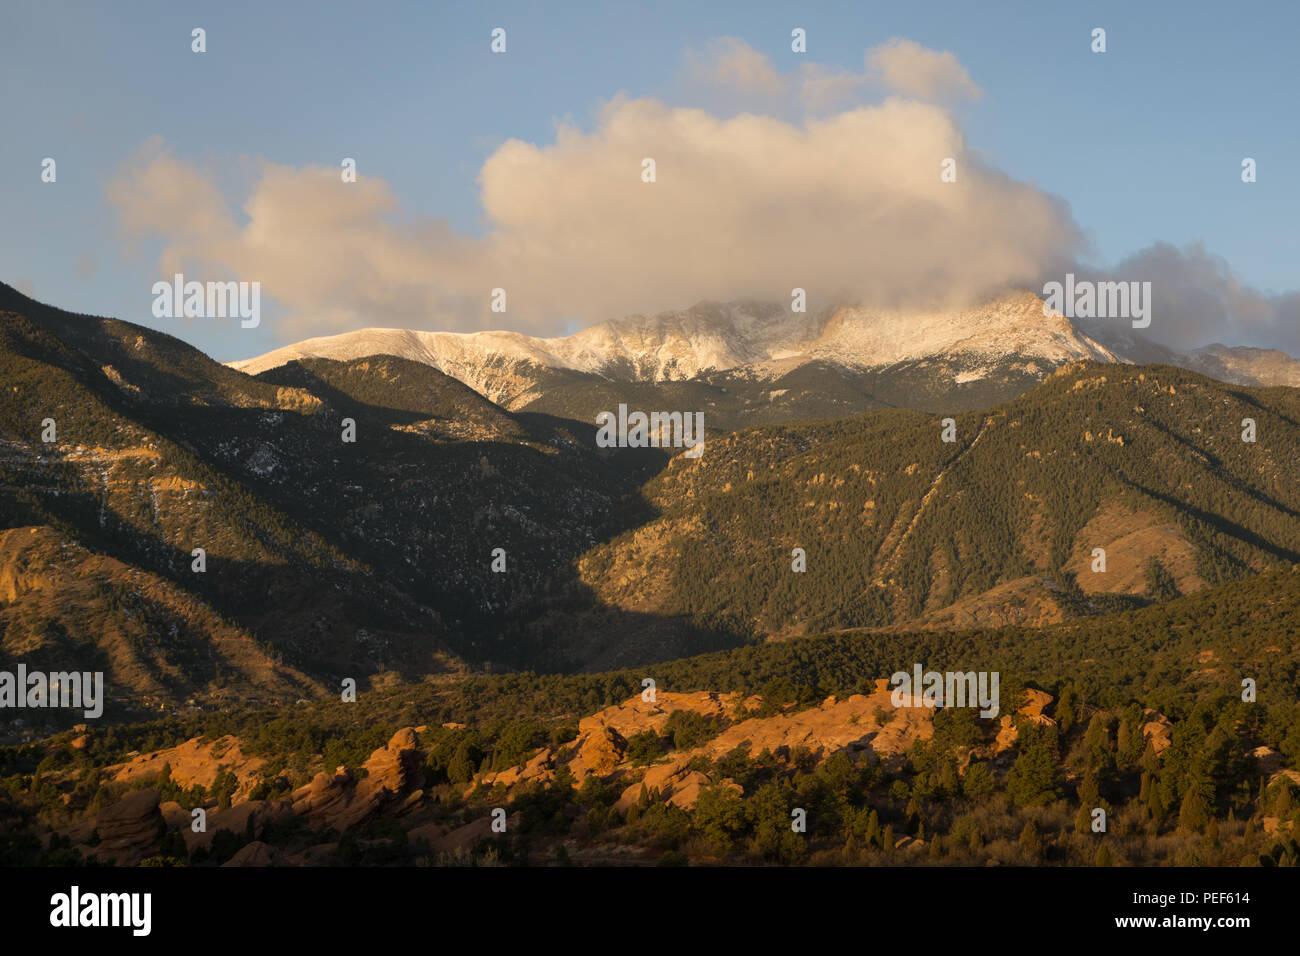 From The Garden of the Gods, Colorado Springs, Colorado. - Stock Image